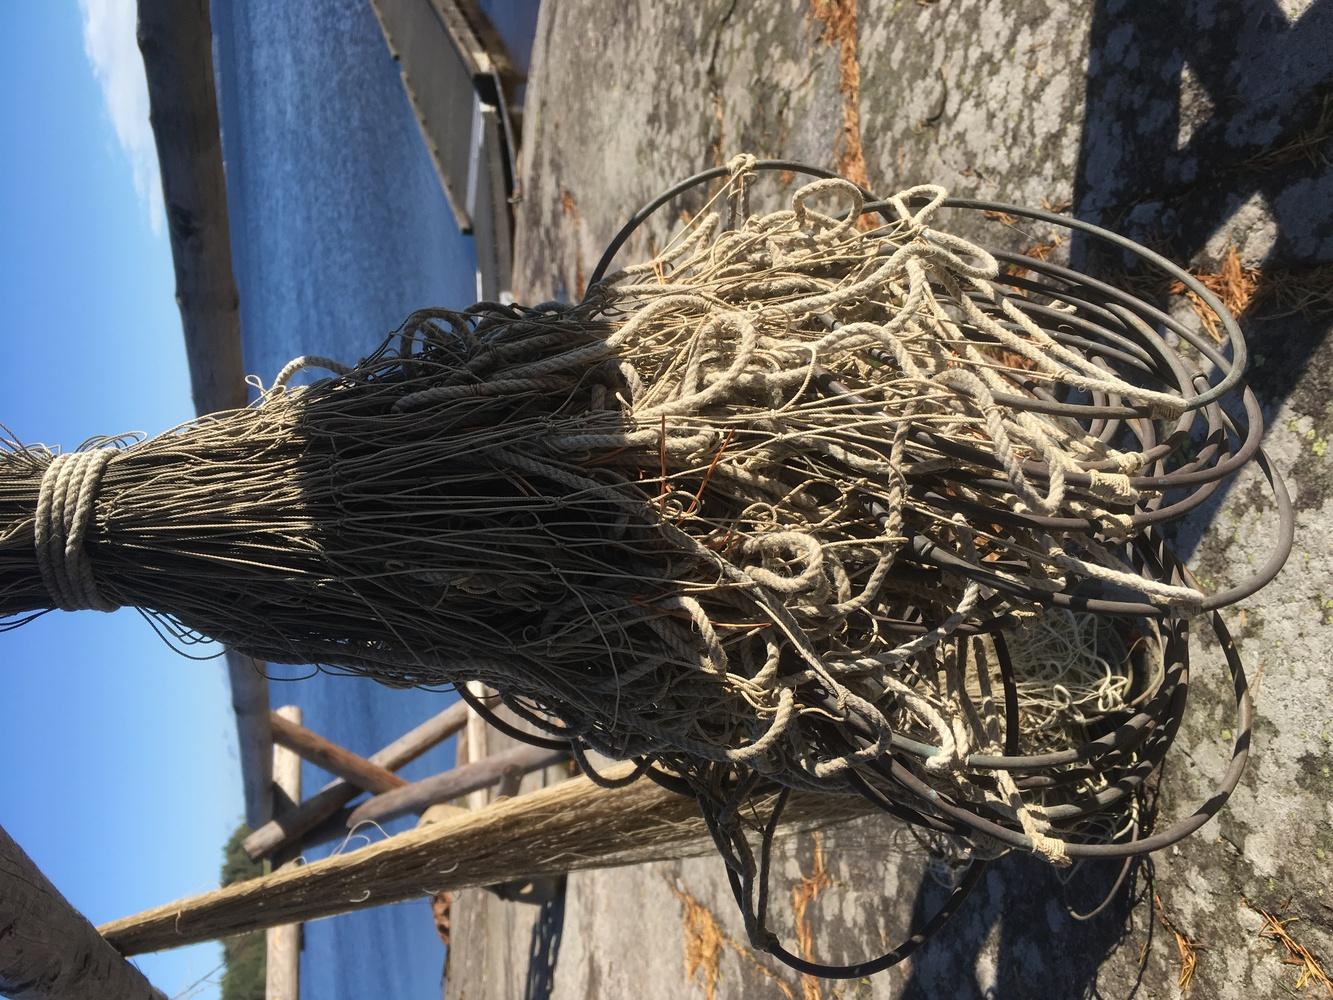 Fishing net gear by Tomas Fredriksson